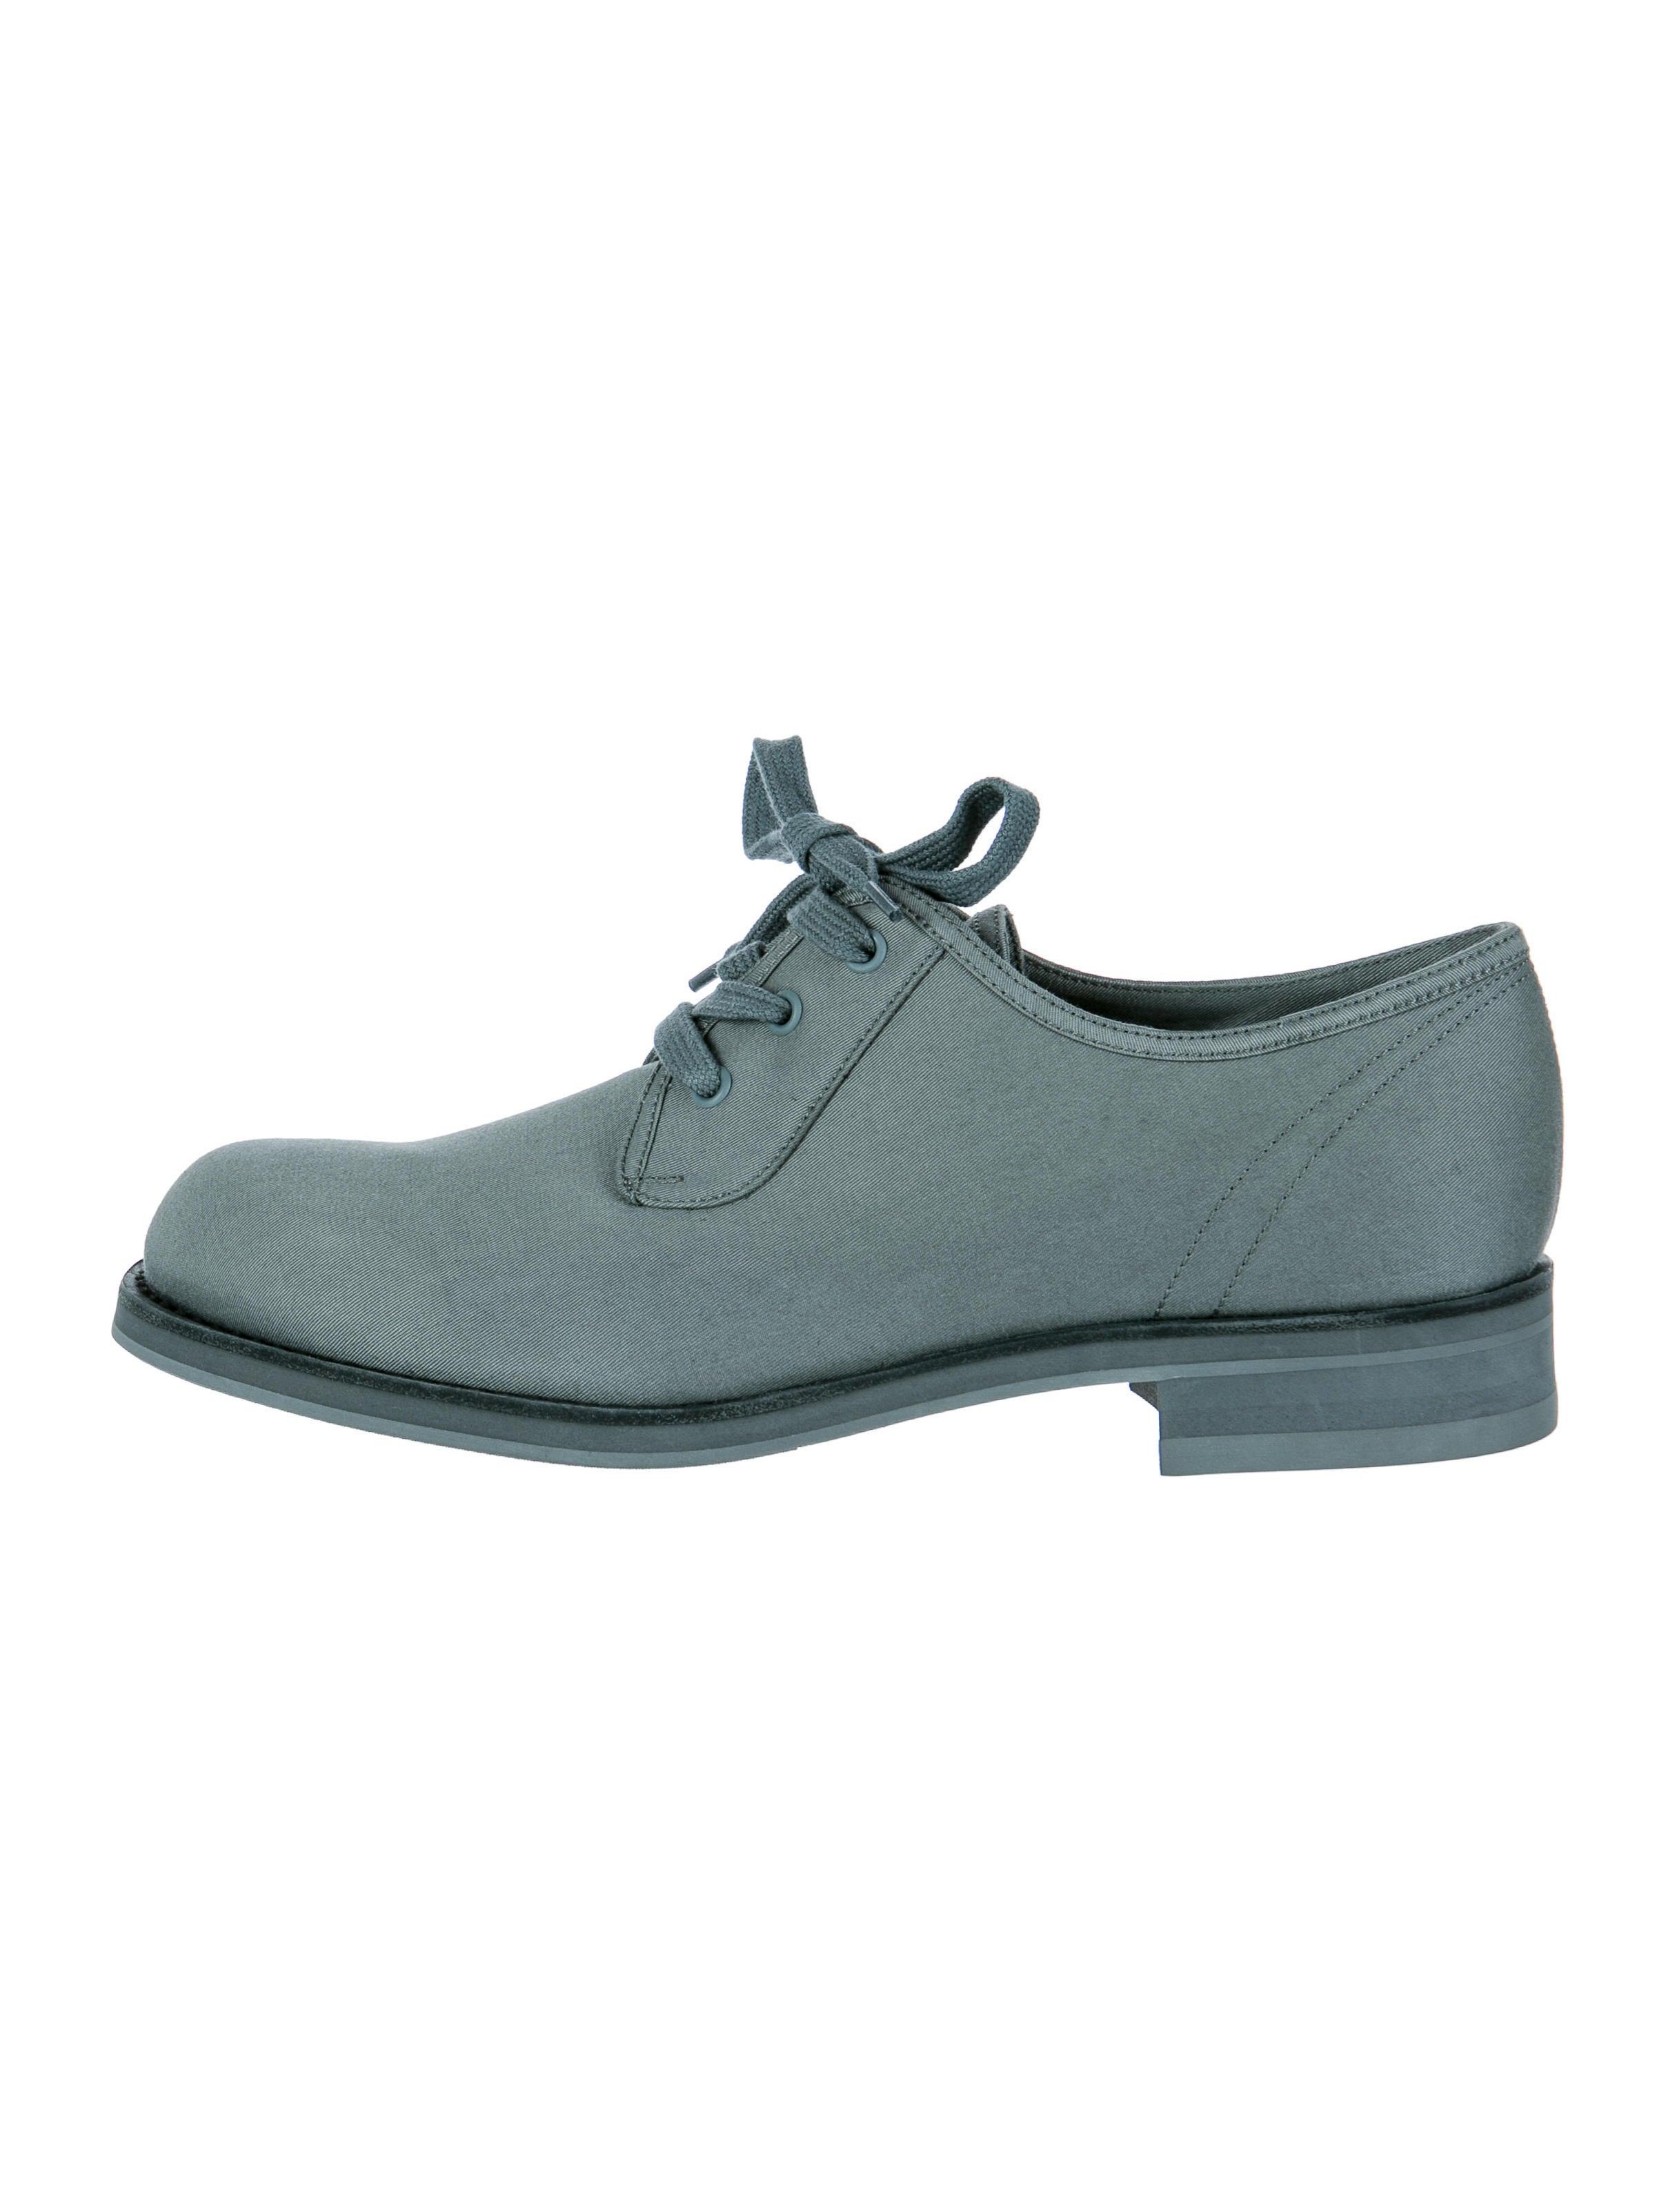 prada canvas oxfords shoes pra77241 the realreal